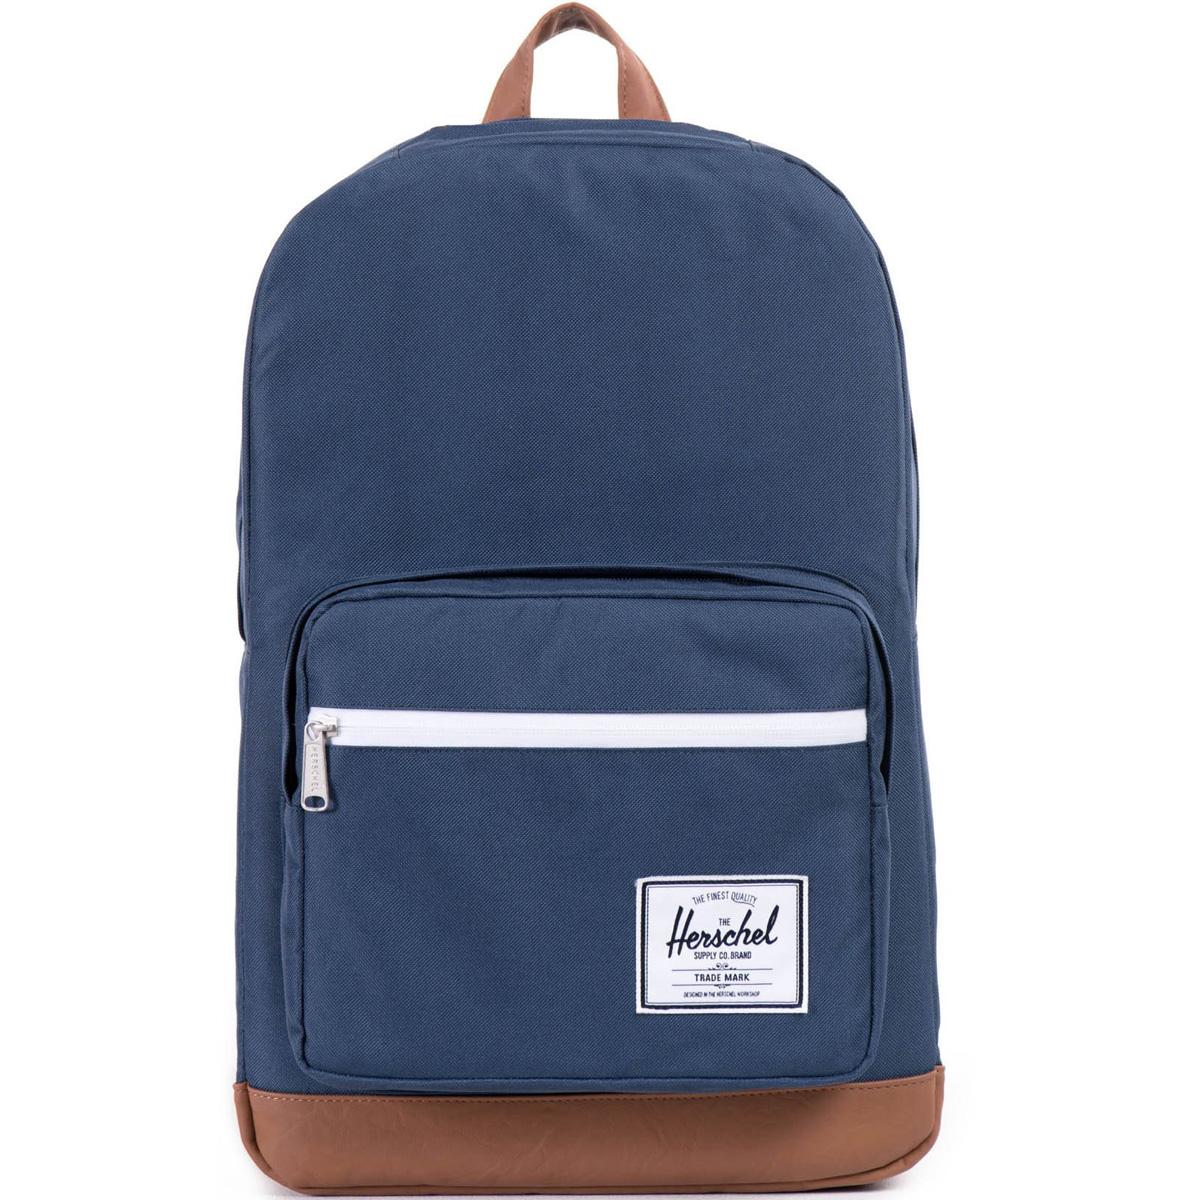 Рюкзак городской Herschel Pop Quiz (A/S), цвет: синий, светло-коричневый. 828432005666MABLSEH10001Рюкзак Herschel Pop Quiz ™ универсальный рюкзак для школы и работы с широким спектром карманов и органайзера.